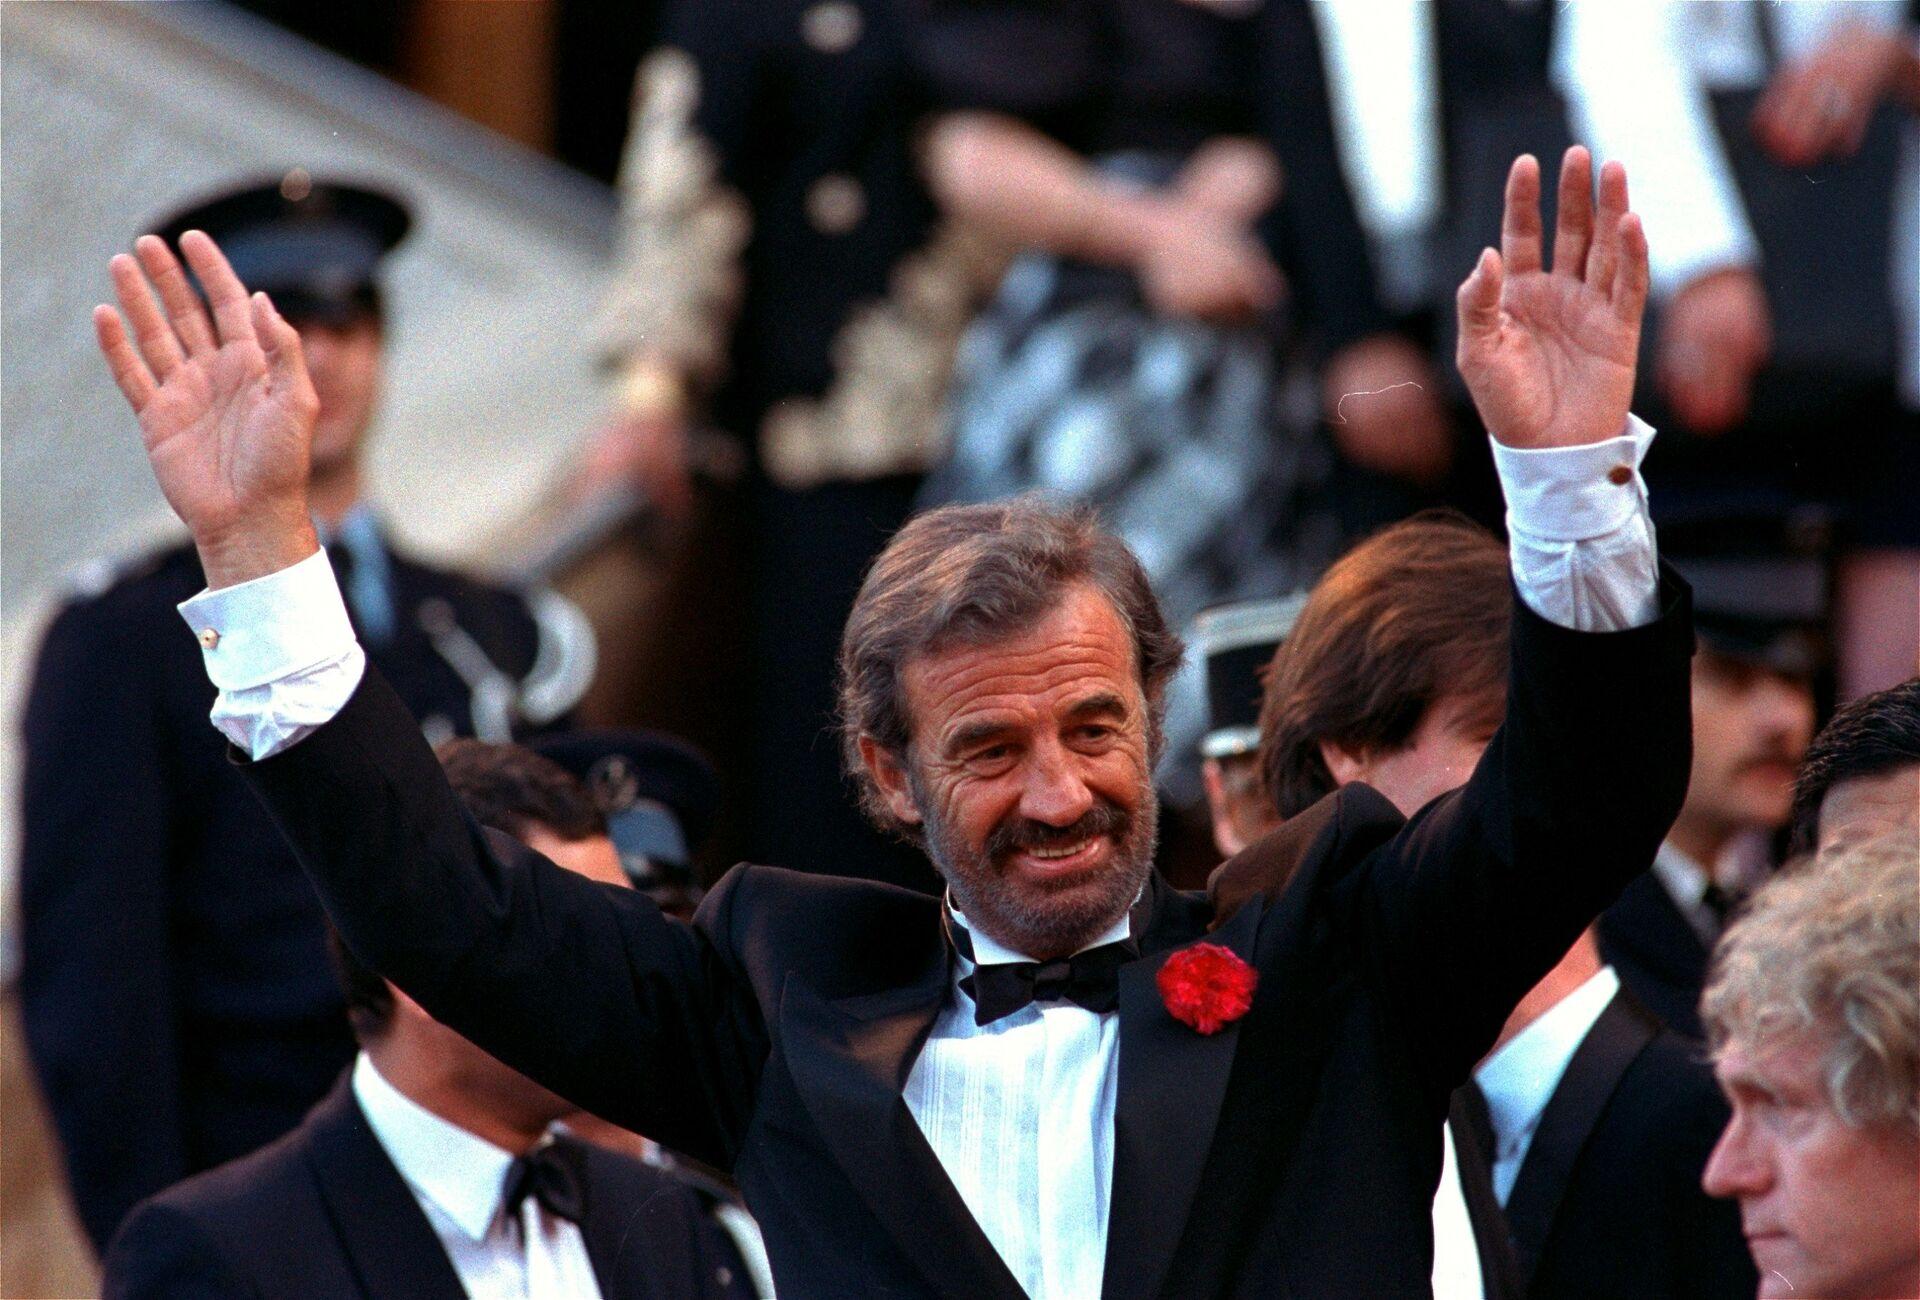 Жан-Поль Бельмондо на Канноском кинофестивале, 1988 год - Sputnik Азербайджан, 1920, 01.10.2021